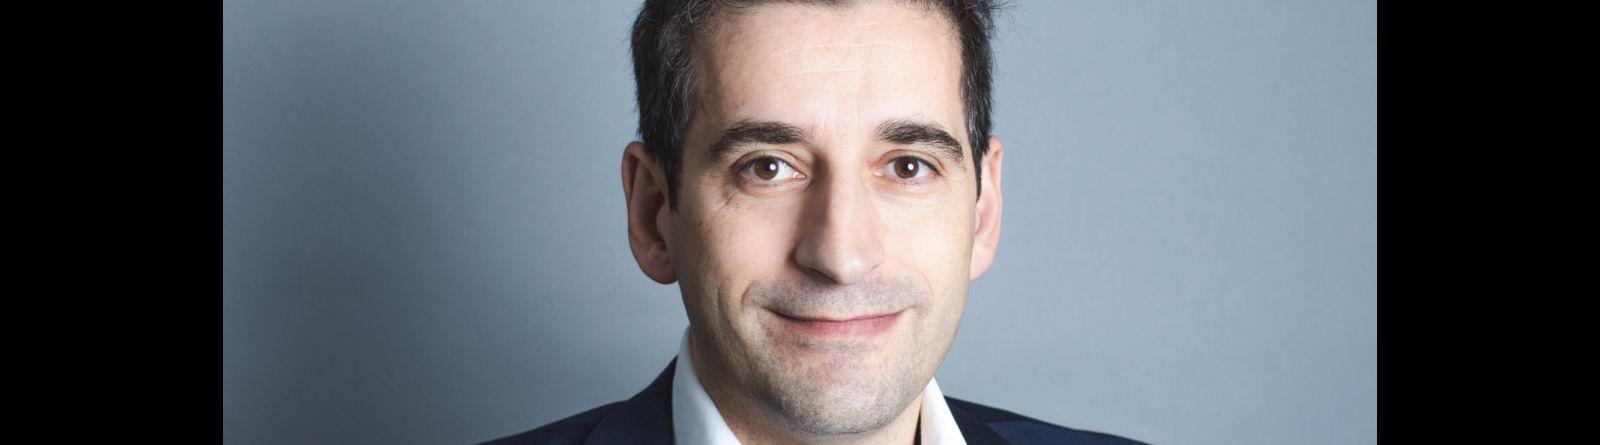 Union bancaire privée lancia con Fasanara capital un fondo fintech sul factoring europeo